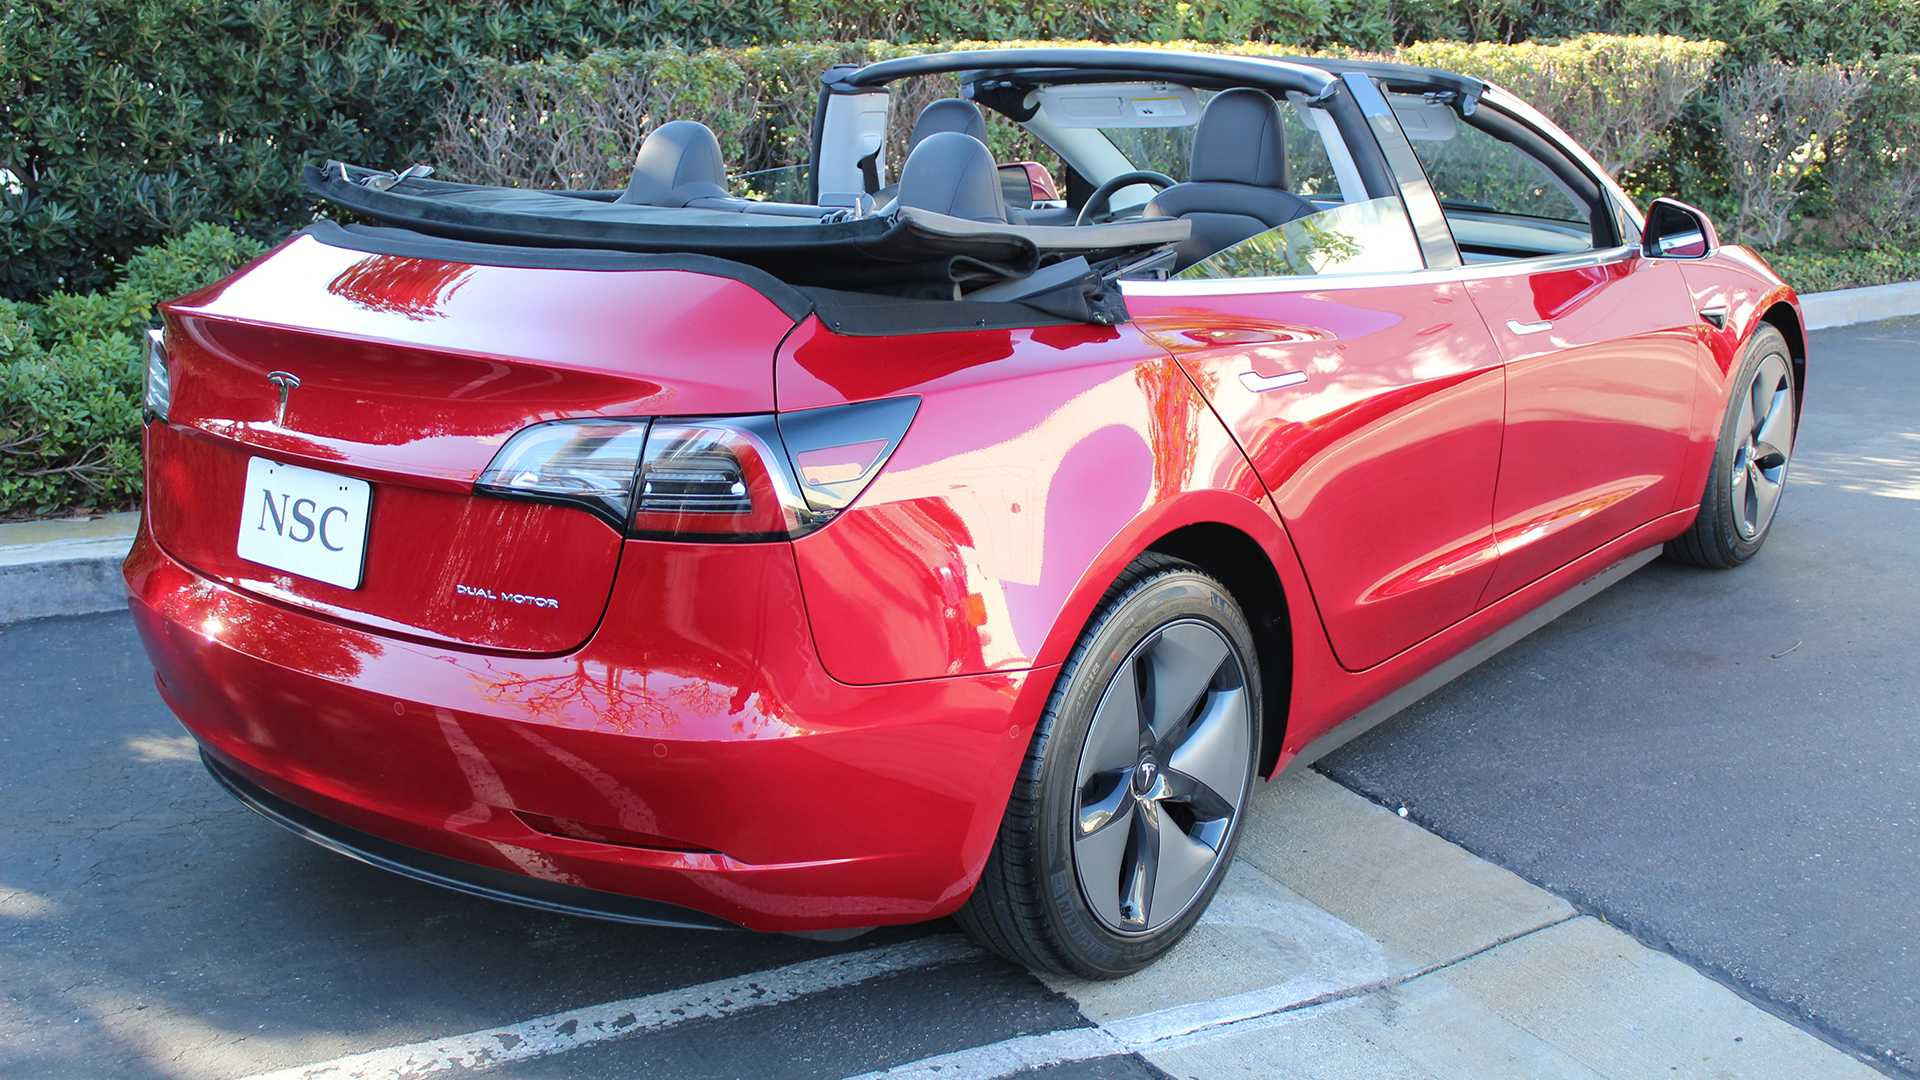 За превращение самой дешёвой Tesla в кабриолет придётся отдать стоимость самой «Теслы» 2